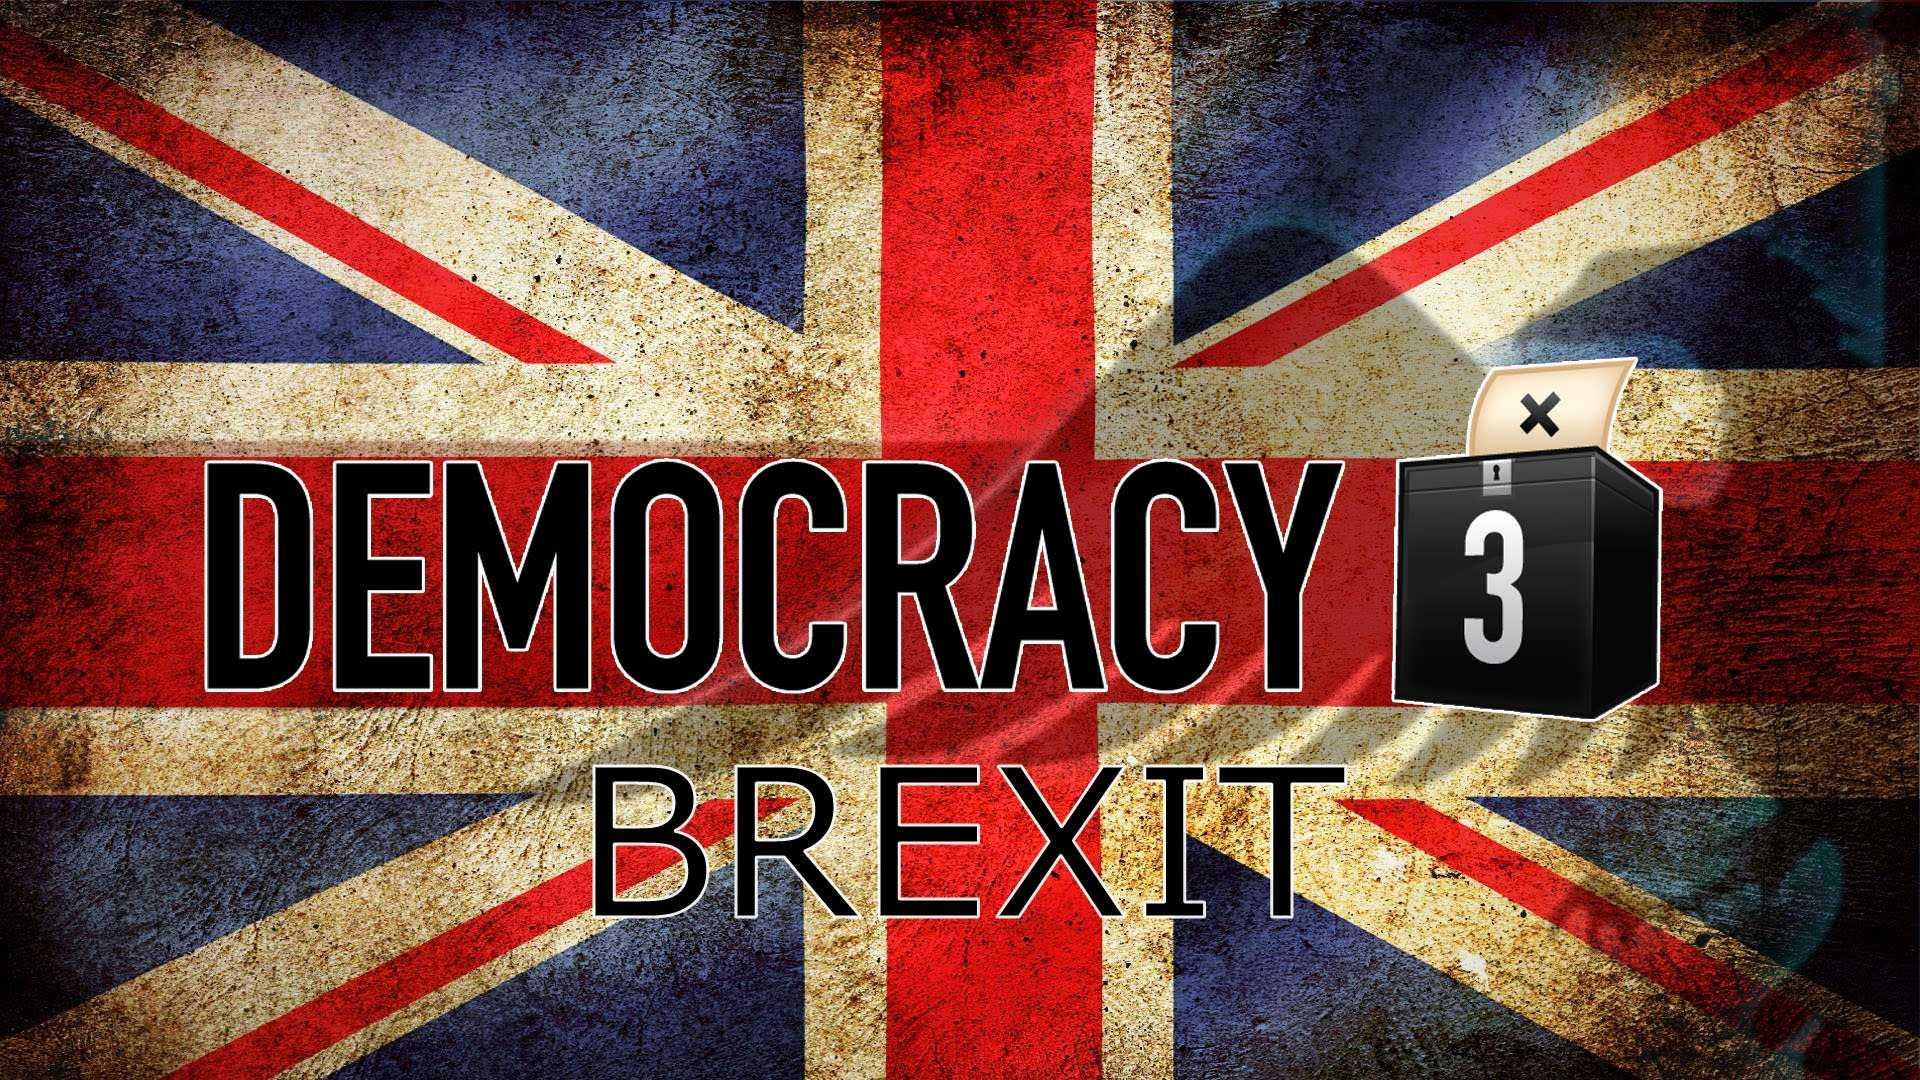 BREXIT: VA (MAI) FI SAU NU VA (MAI) FI? Halucinanta teza a ignorarii referendumului din Marea Britanie are precedente: UNIUNEA EUROPEANA – O CONSTRUCTIE FARA POPOR, IMPOTRIVA POPORULUI. George Soros profeteste din nou: UE SE VA DEZINTEGRA